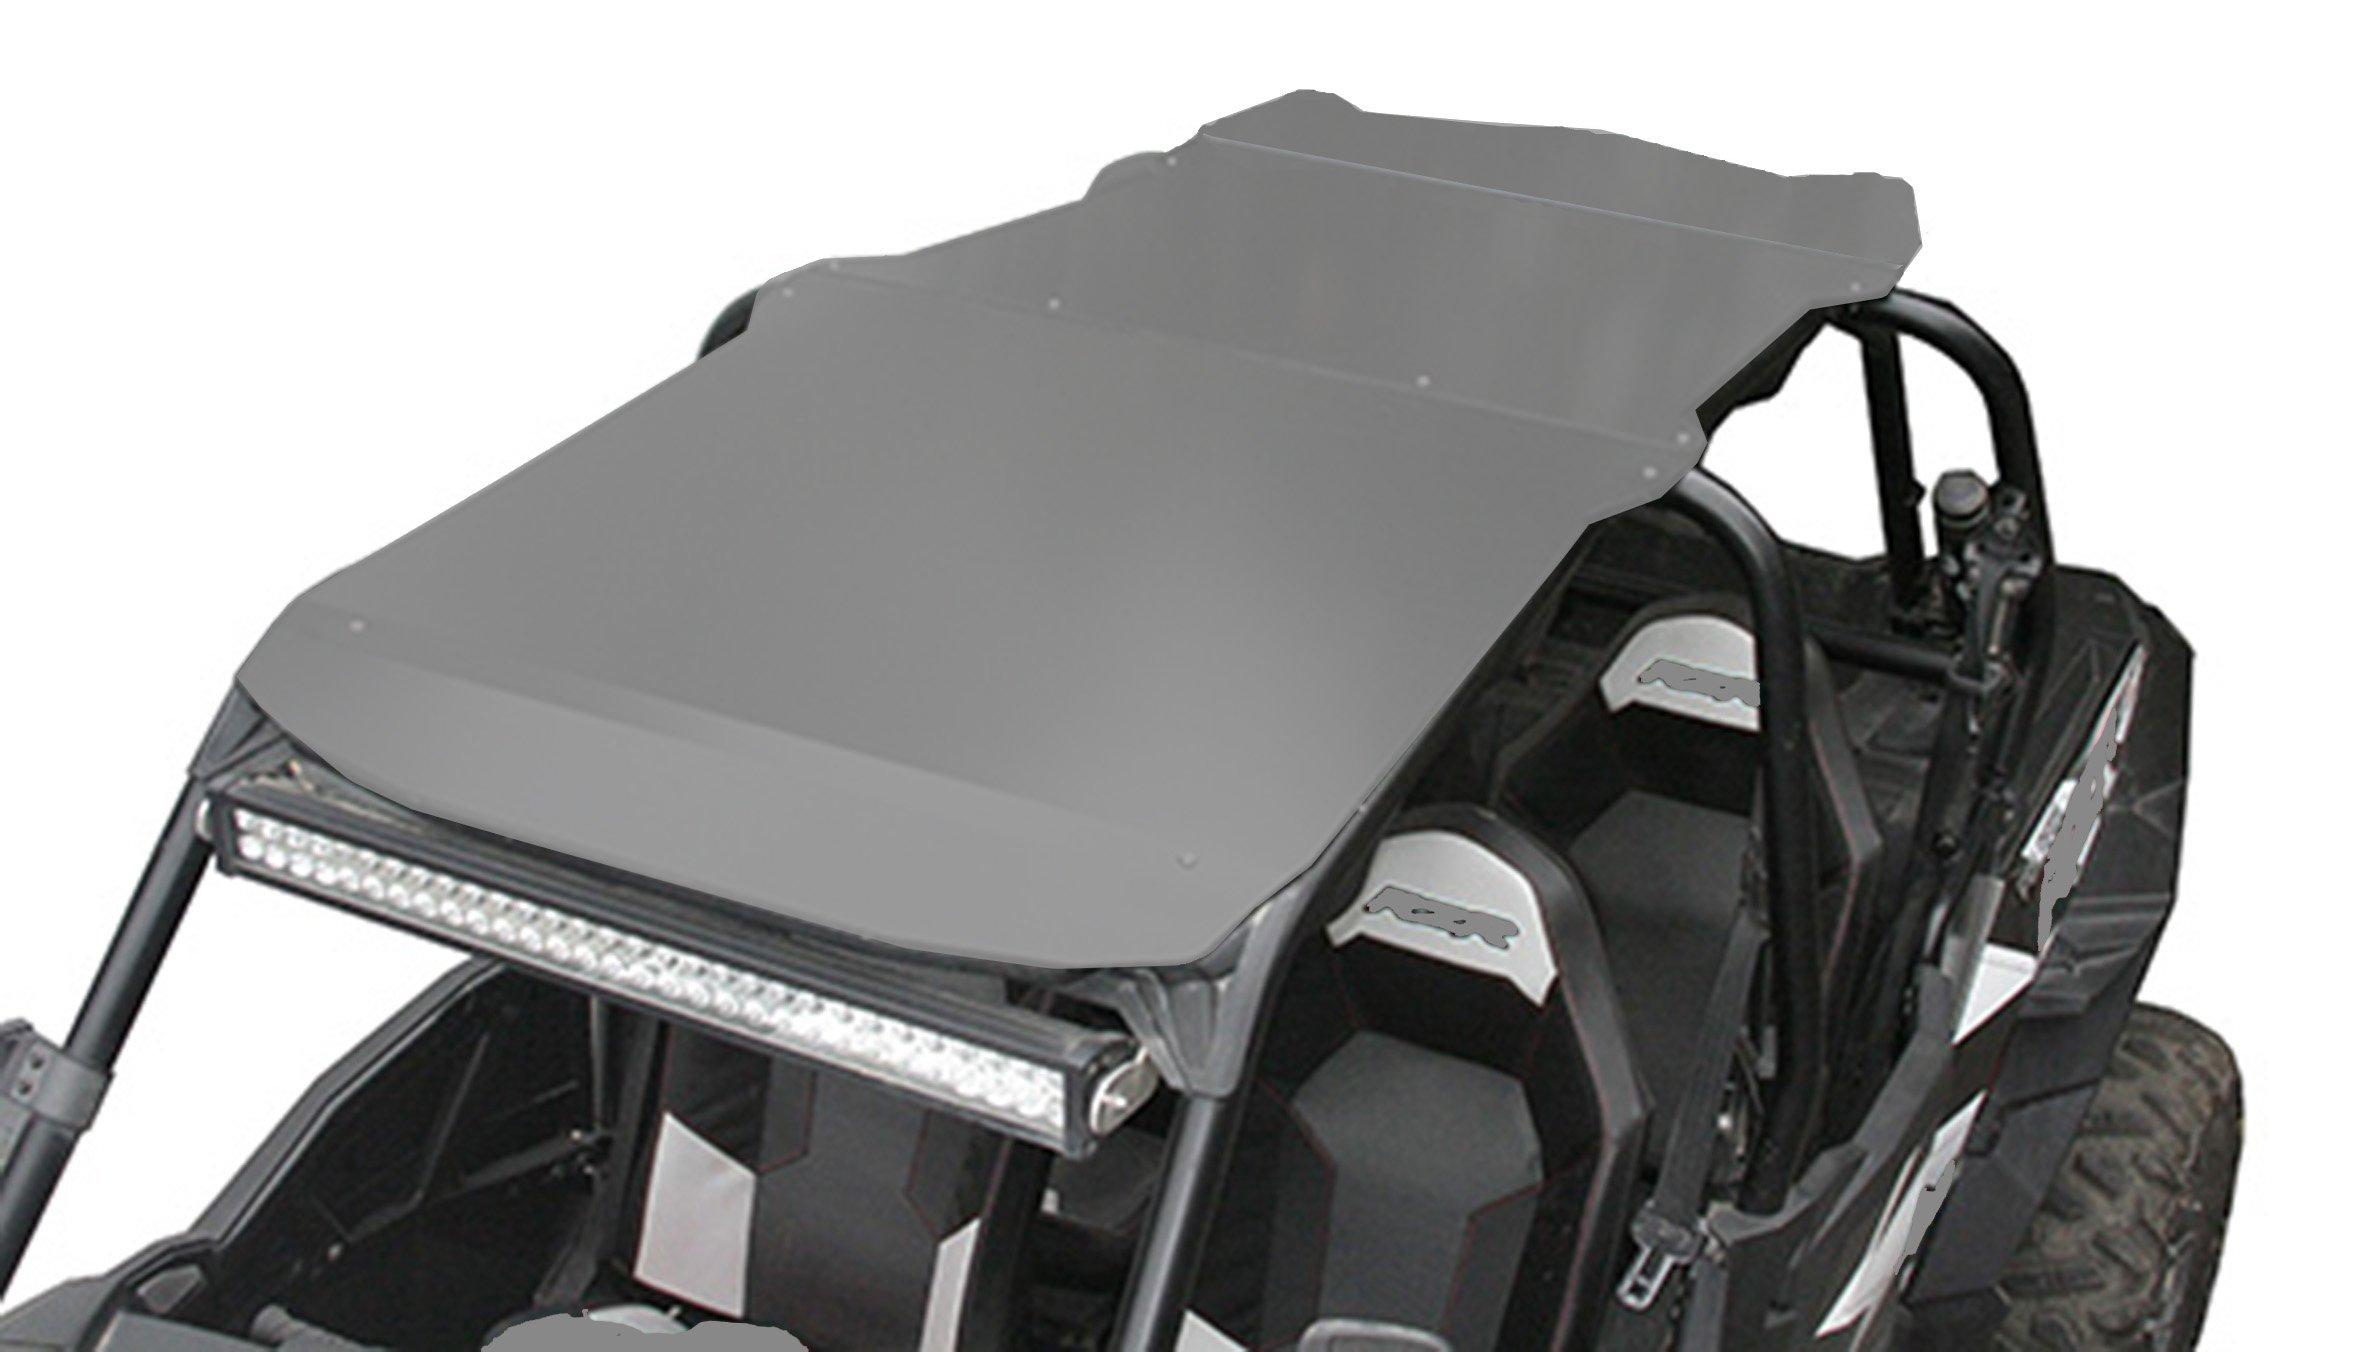 Aluminum Roof Polaris RZR 900/1000 4 Seats (Gray)